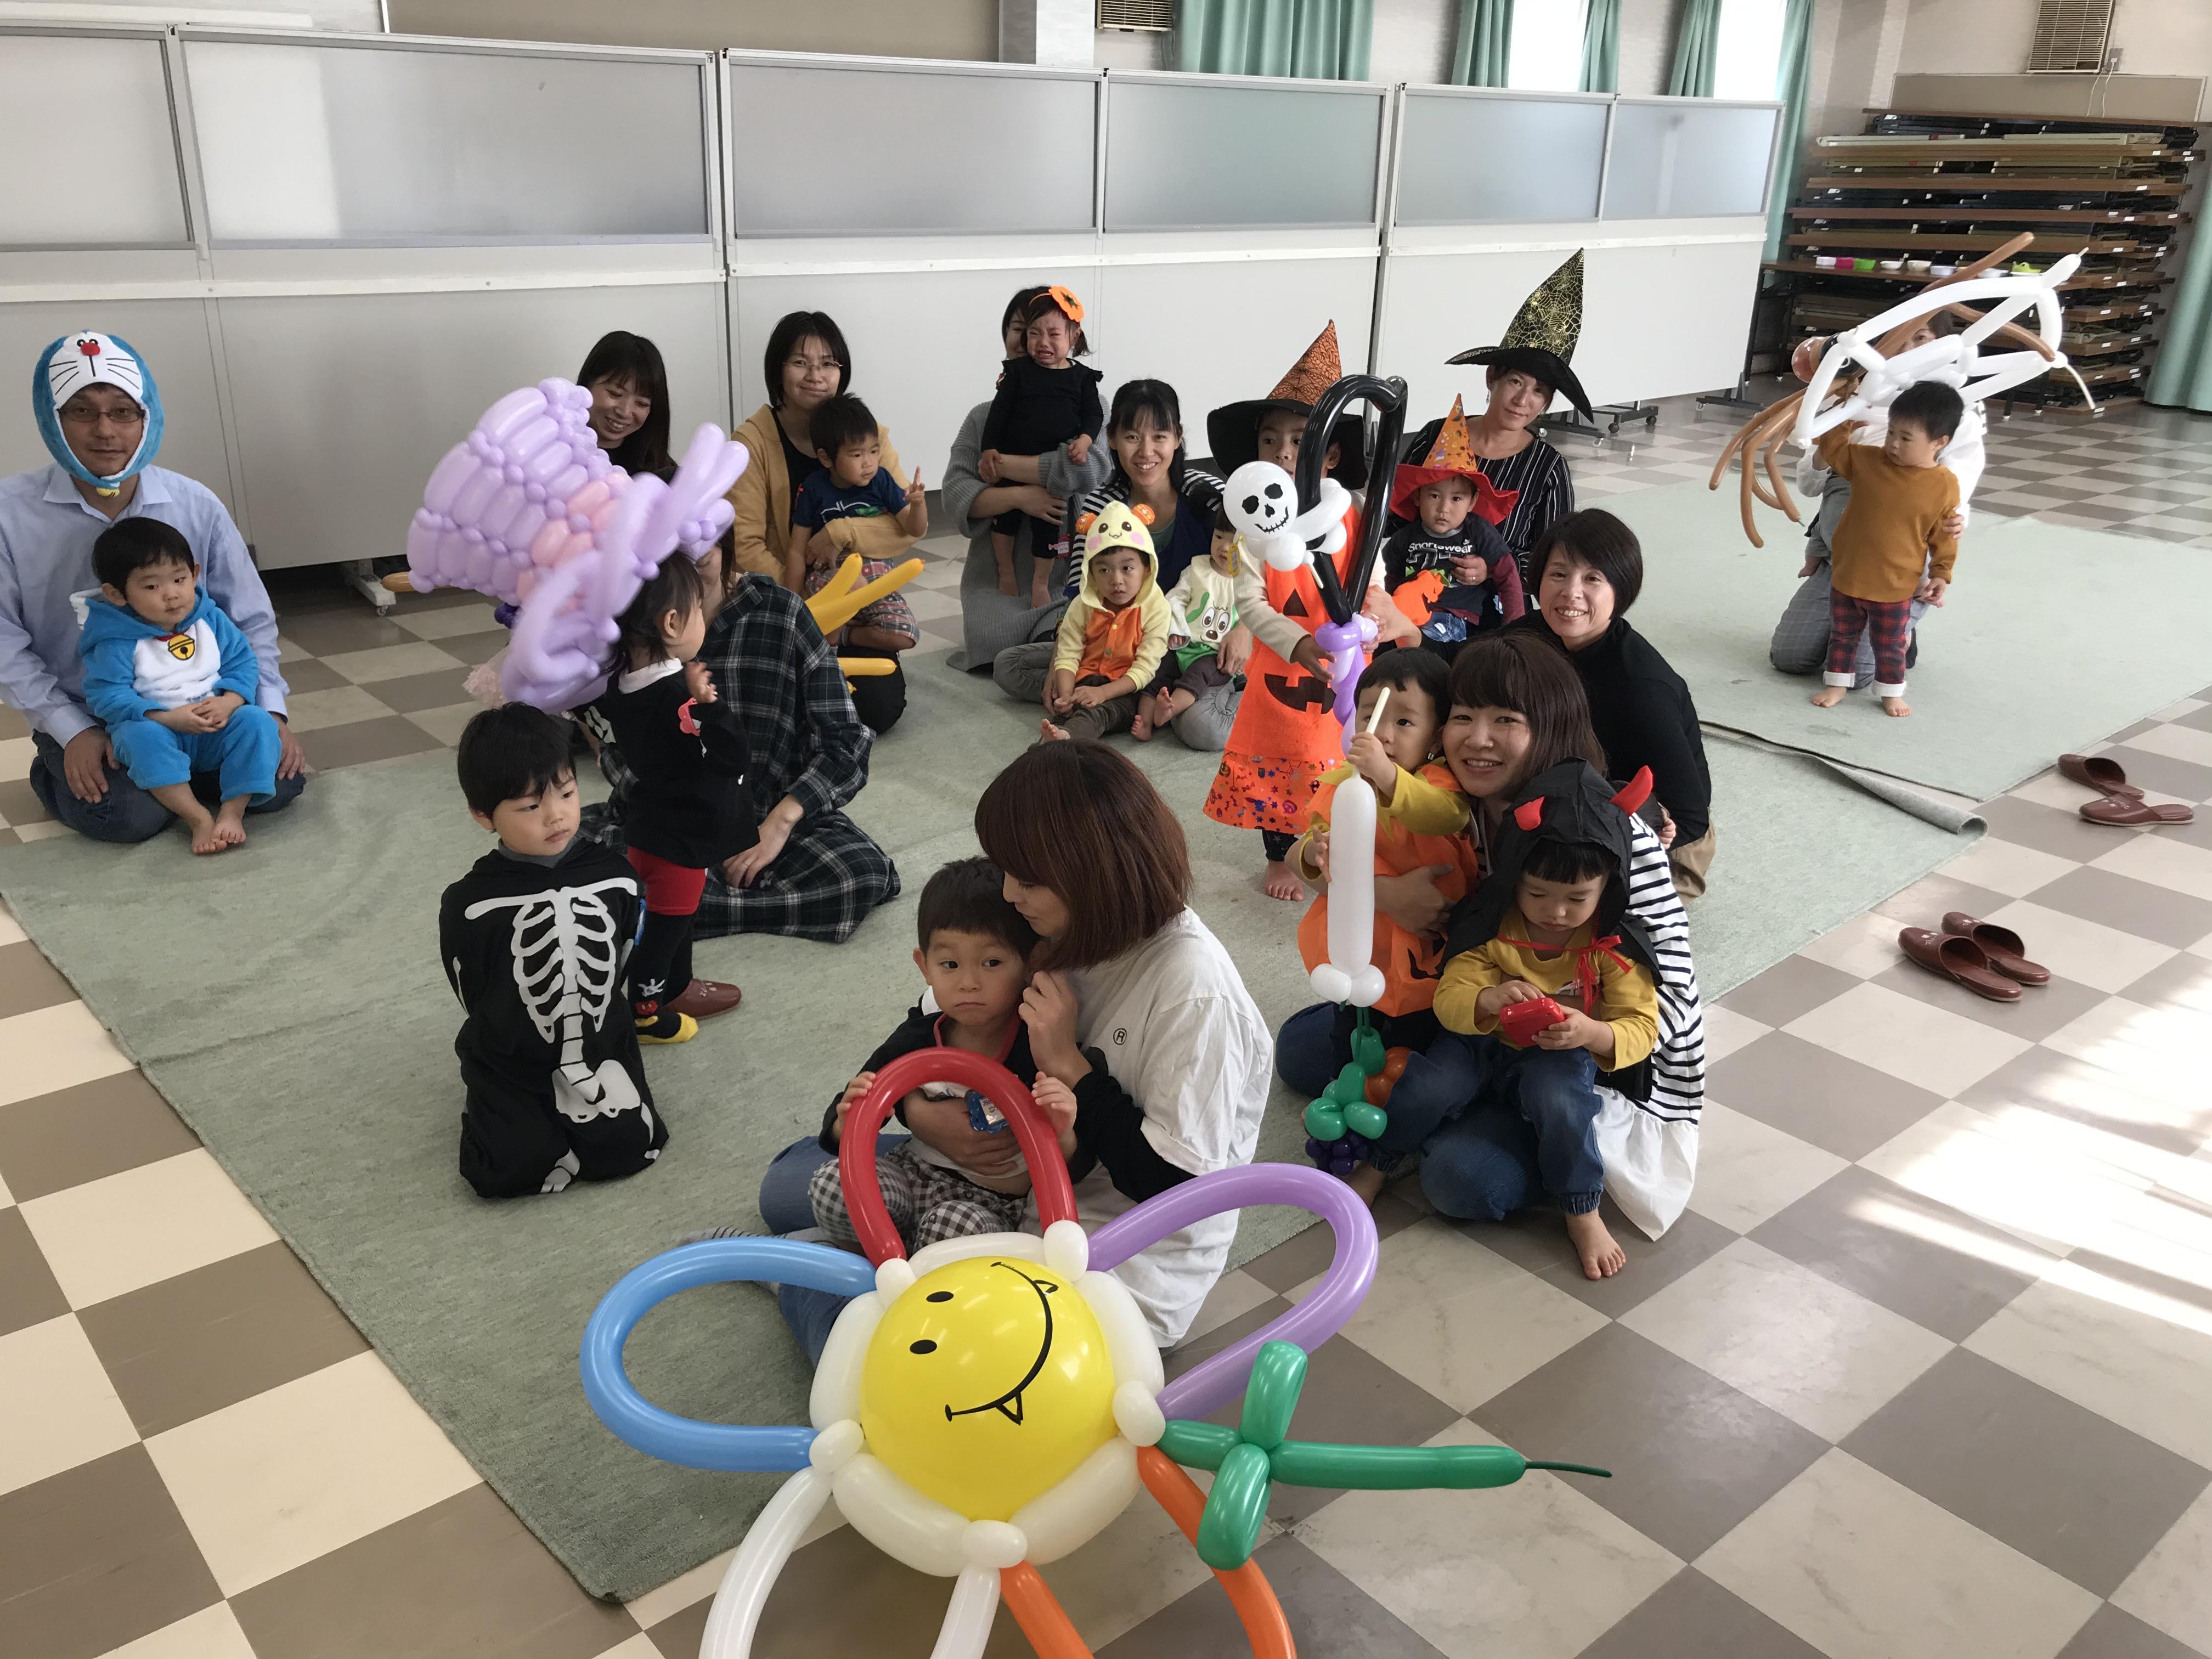 旭操学区おやこクラブどんぐり会〜2019.11.31〜